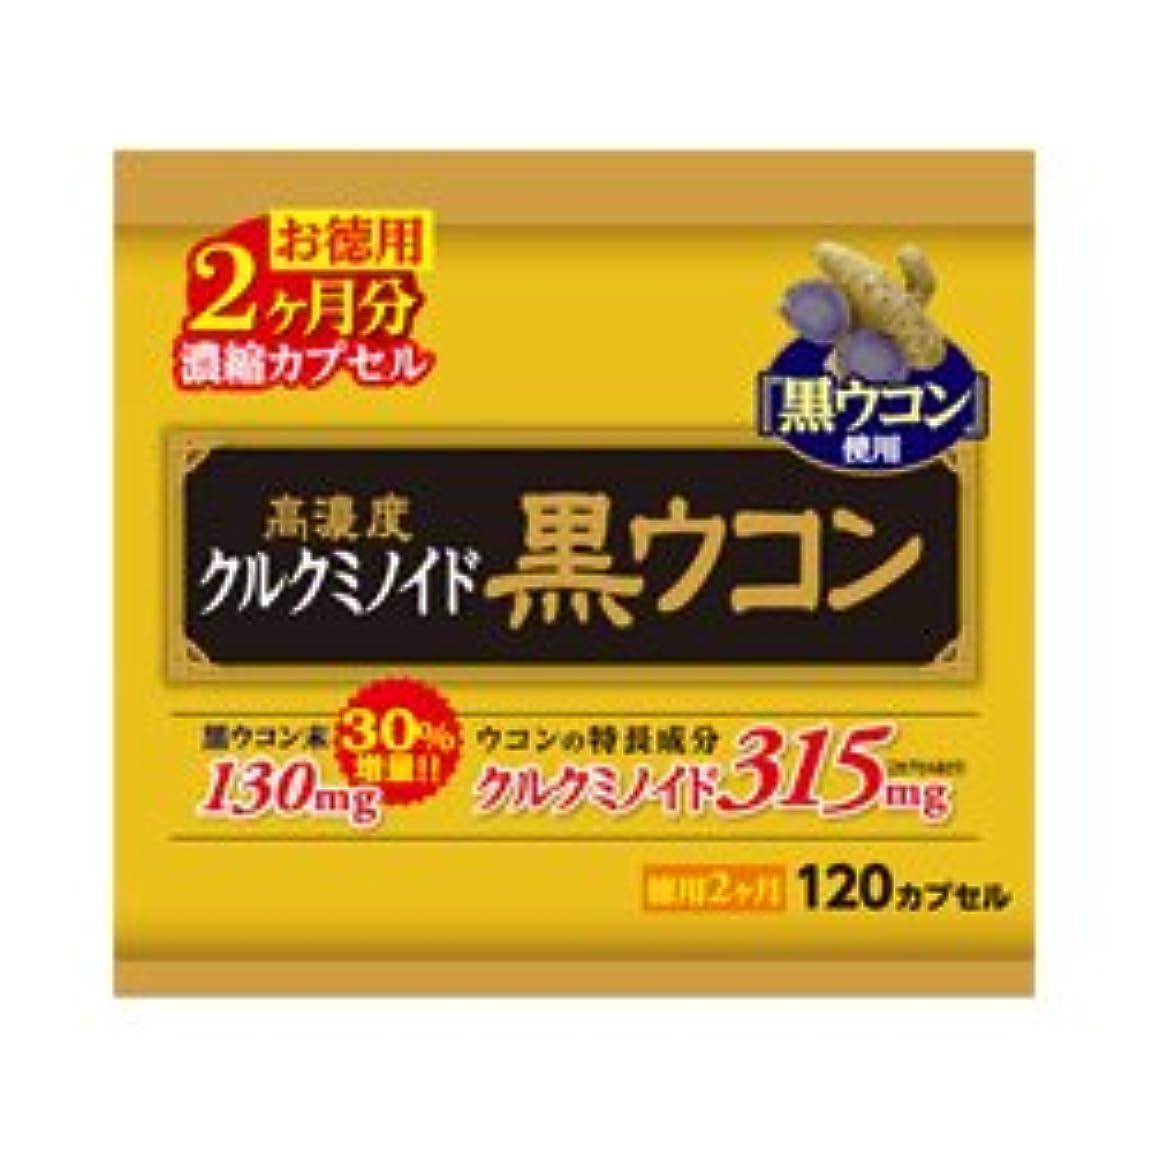 告発早熟節約する【ウエルネスジャパン】高濃度 黒ウコン 徳用 約60日分 120カプセル ×20個セット